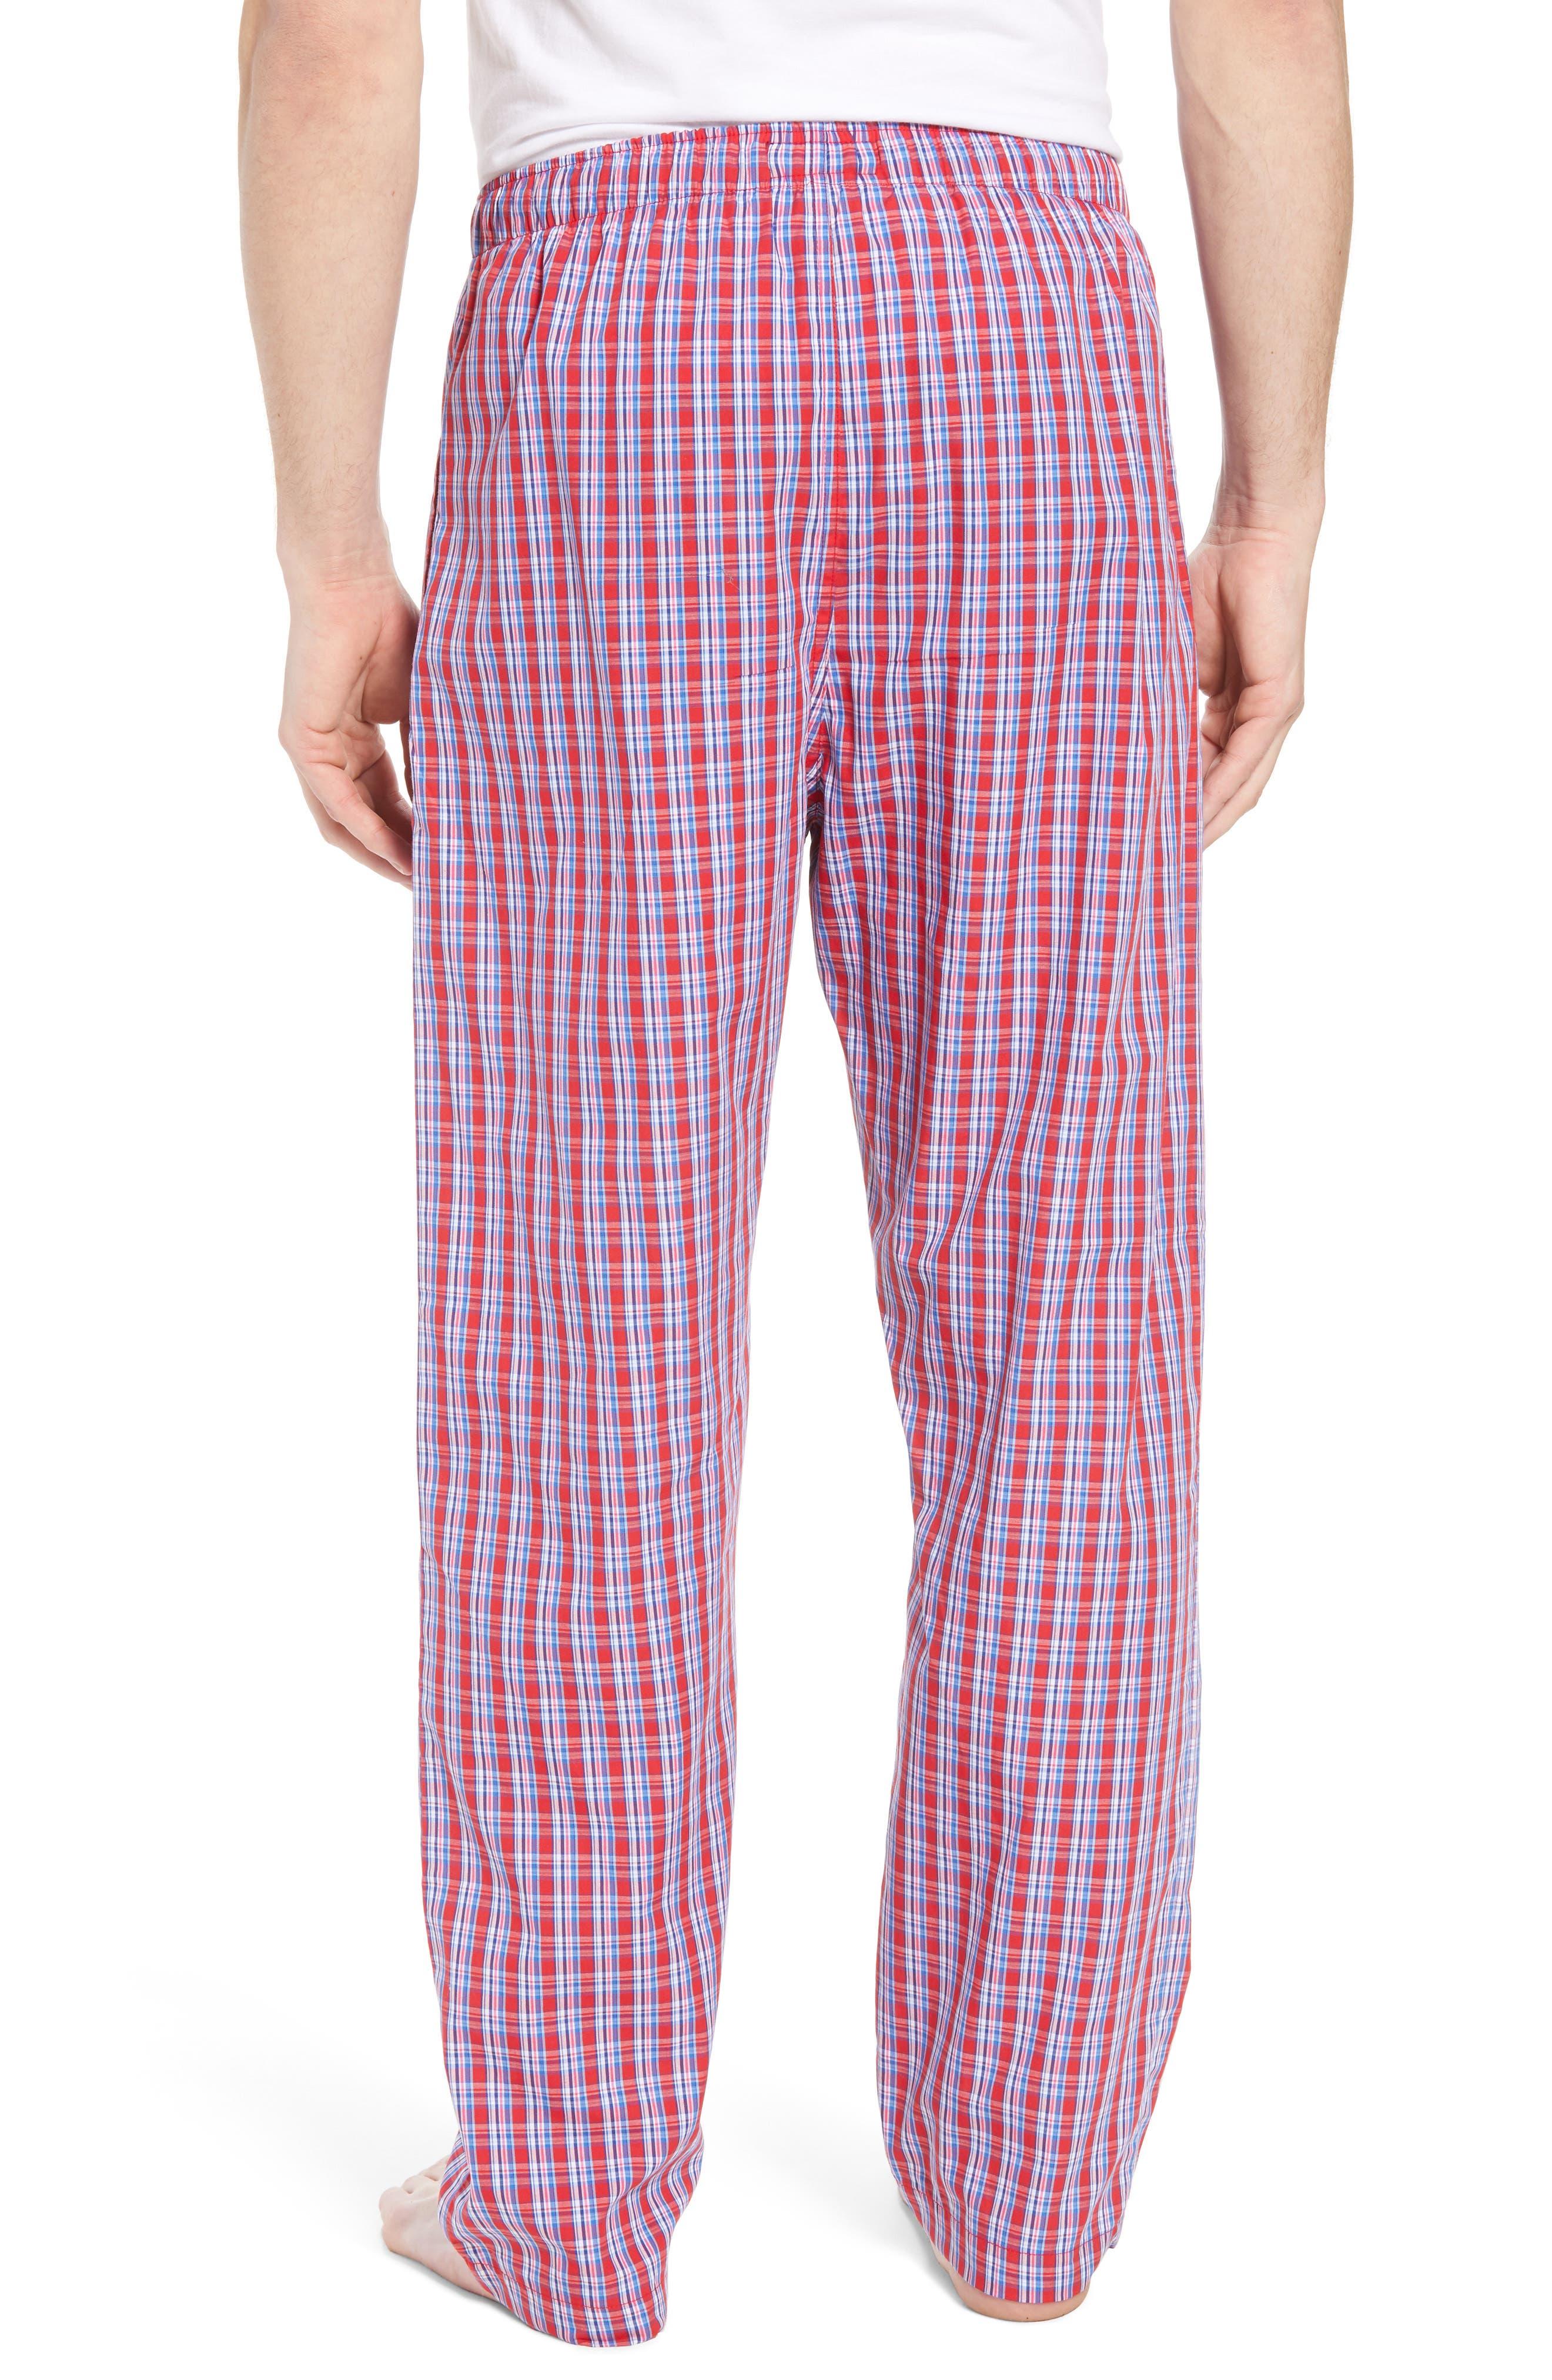 Cotton Lounge Pants,                             Alternate thumbnail 2, color,                             NEWPORT PLAID/ NAVY